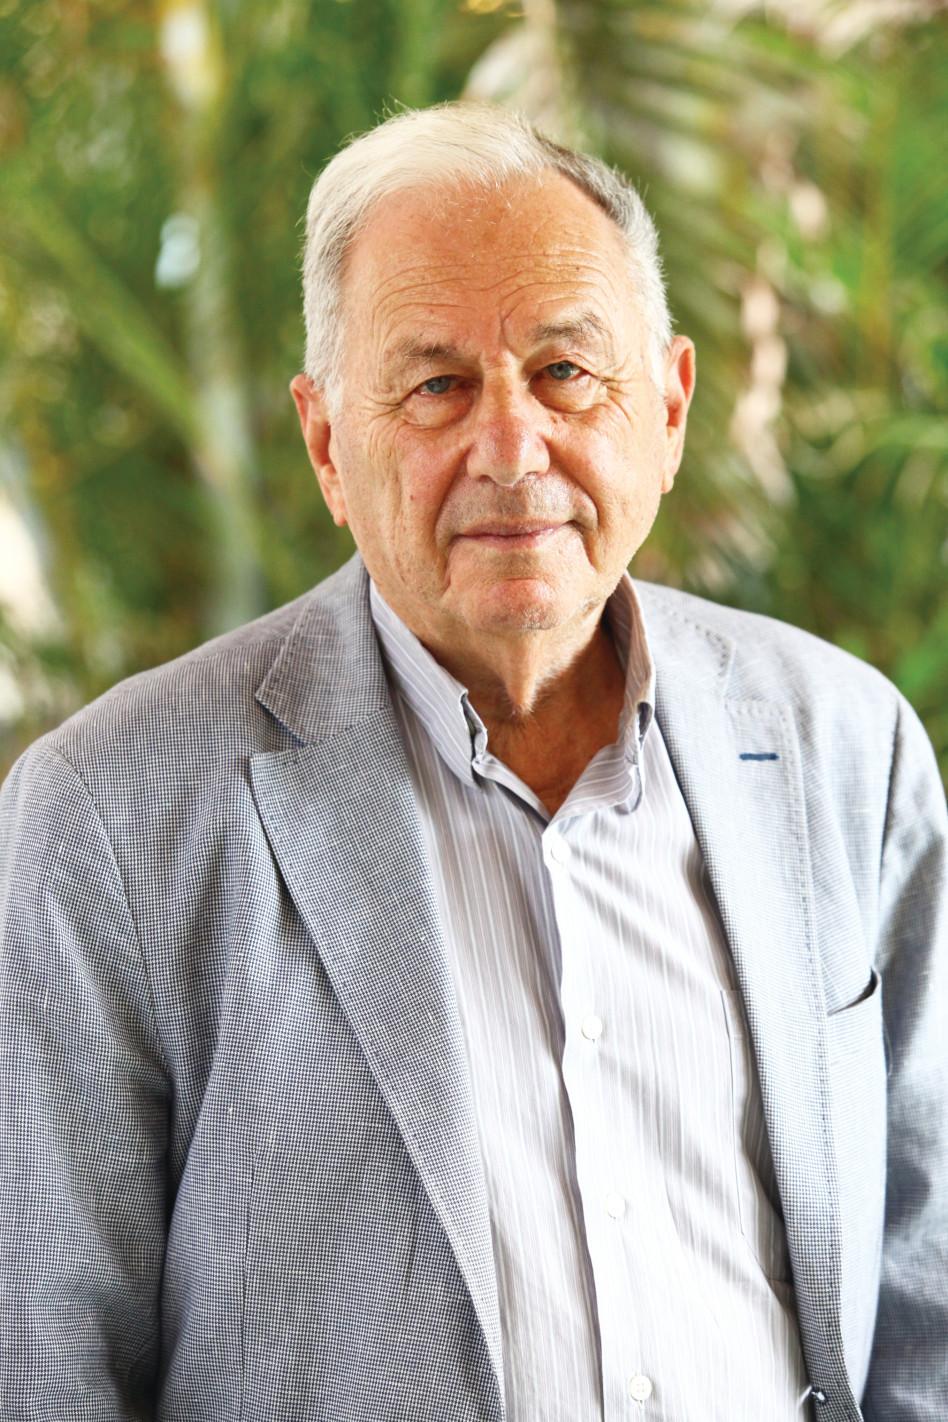 אמנון רובינשטיין  (צילום: אלוני מור)